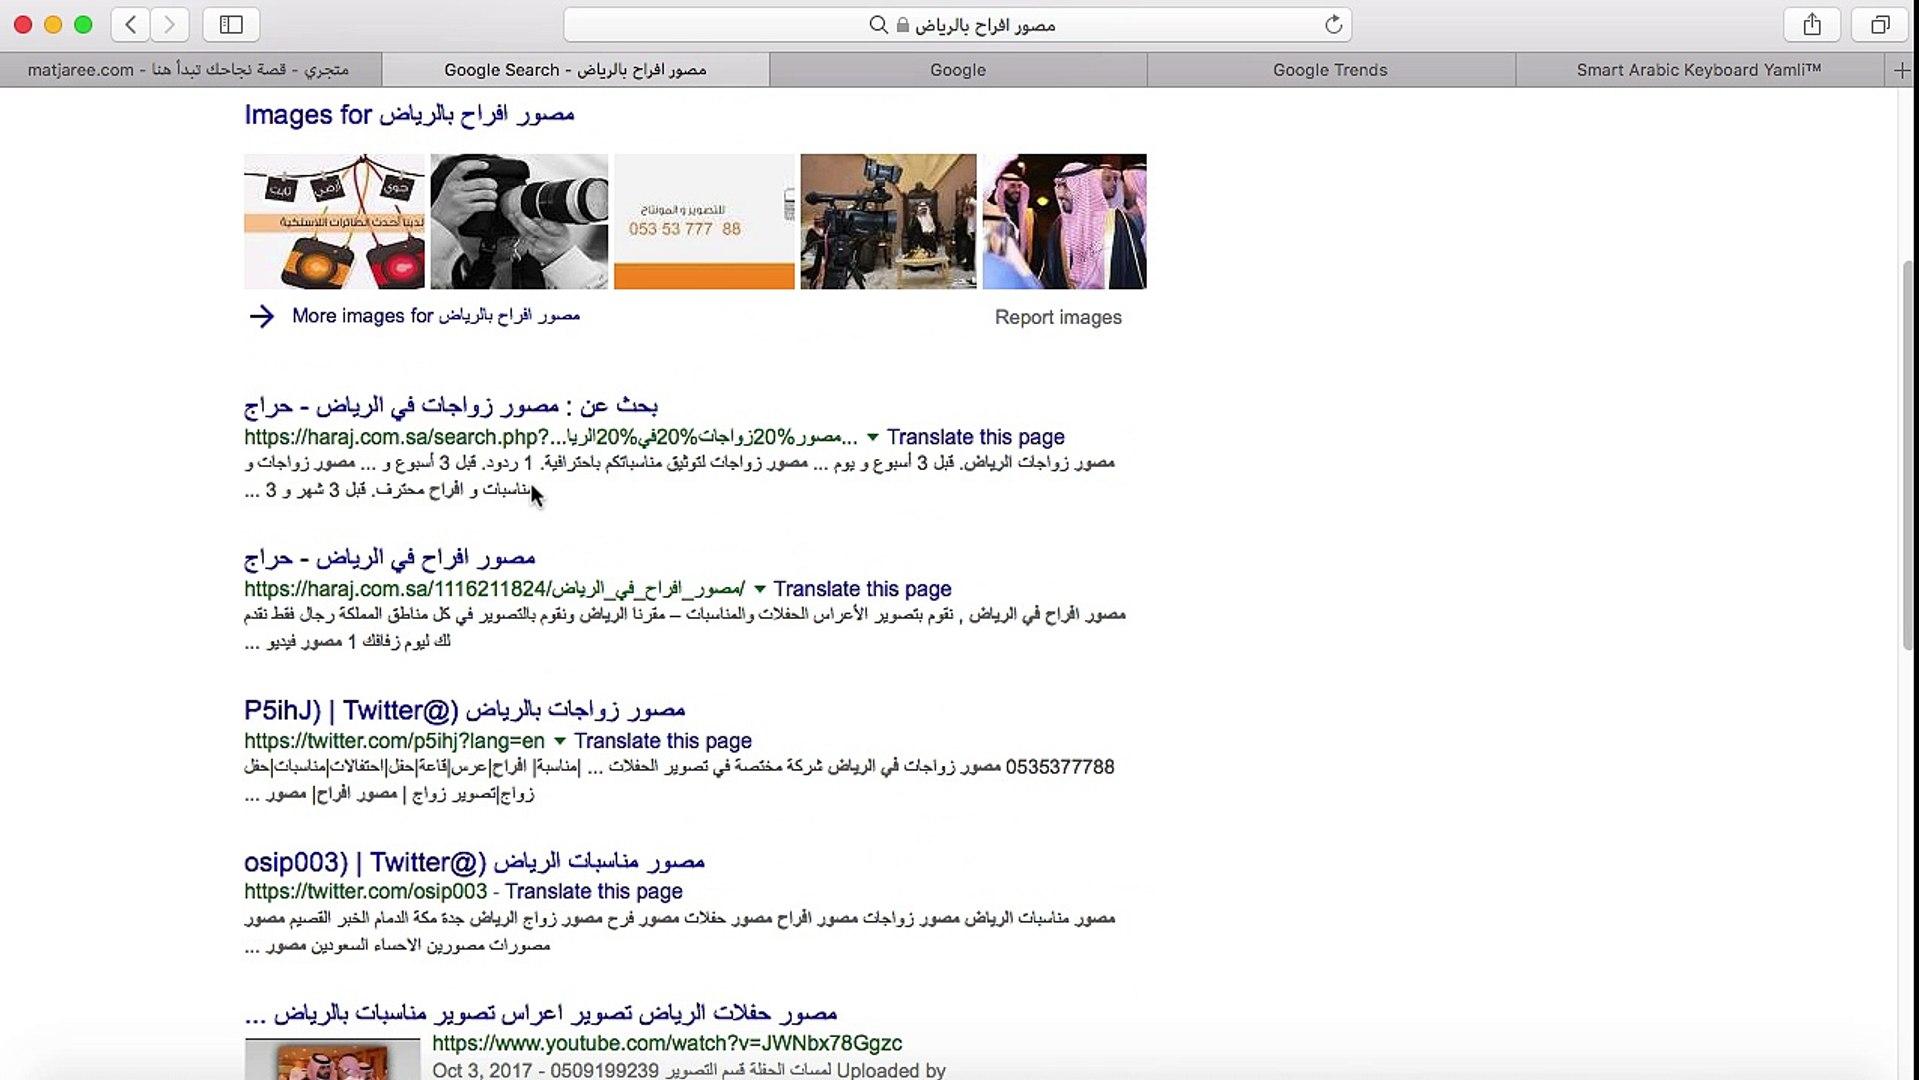 كيفية ربح المال من الانترنت عن طريق إستخدم أداة جوجل لبحث الكلمات المفتاحية